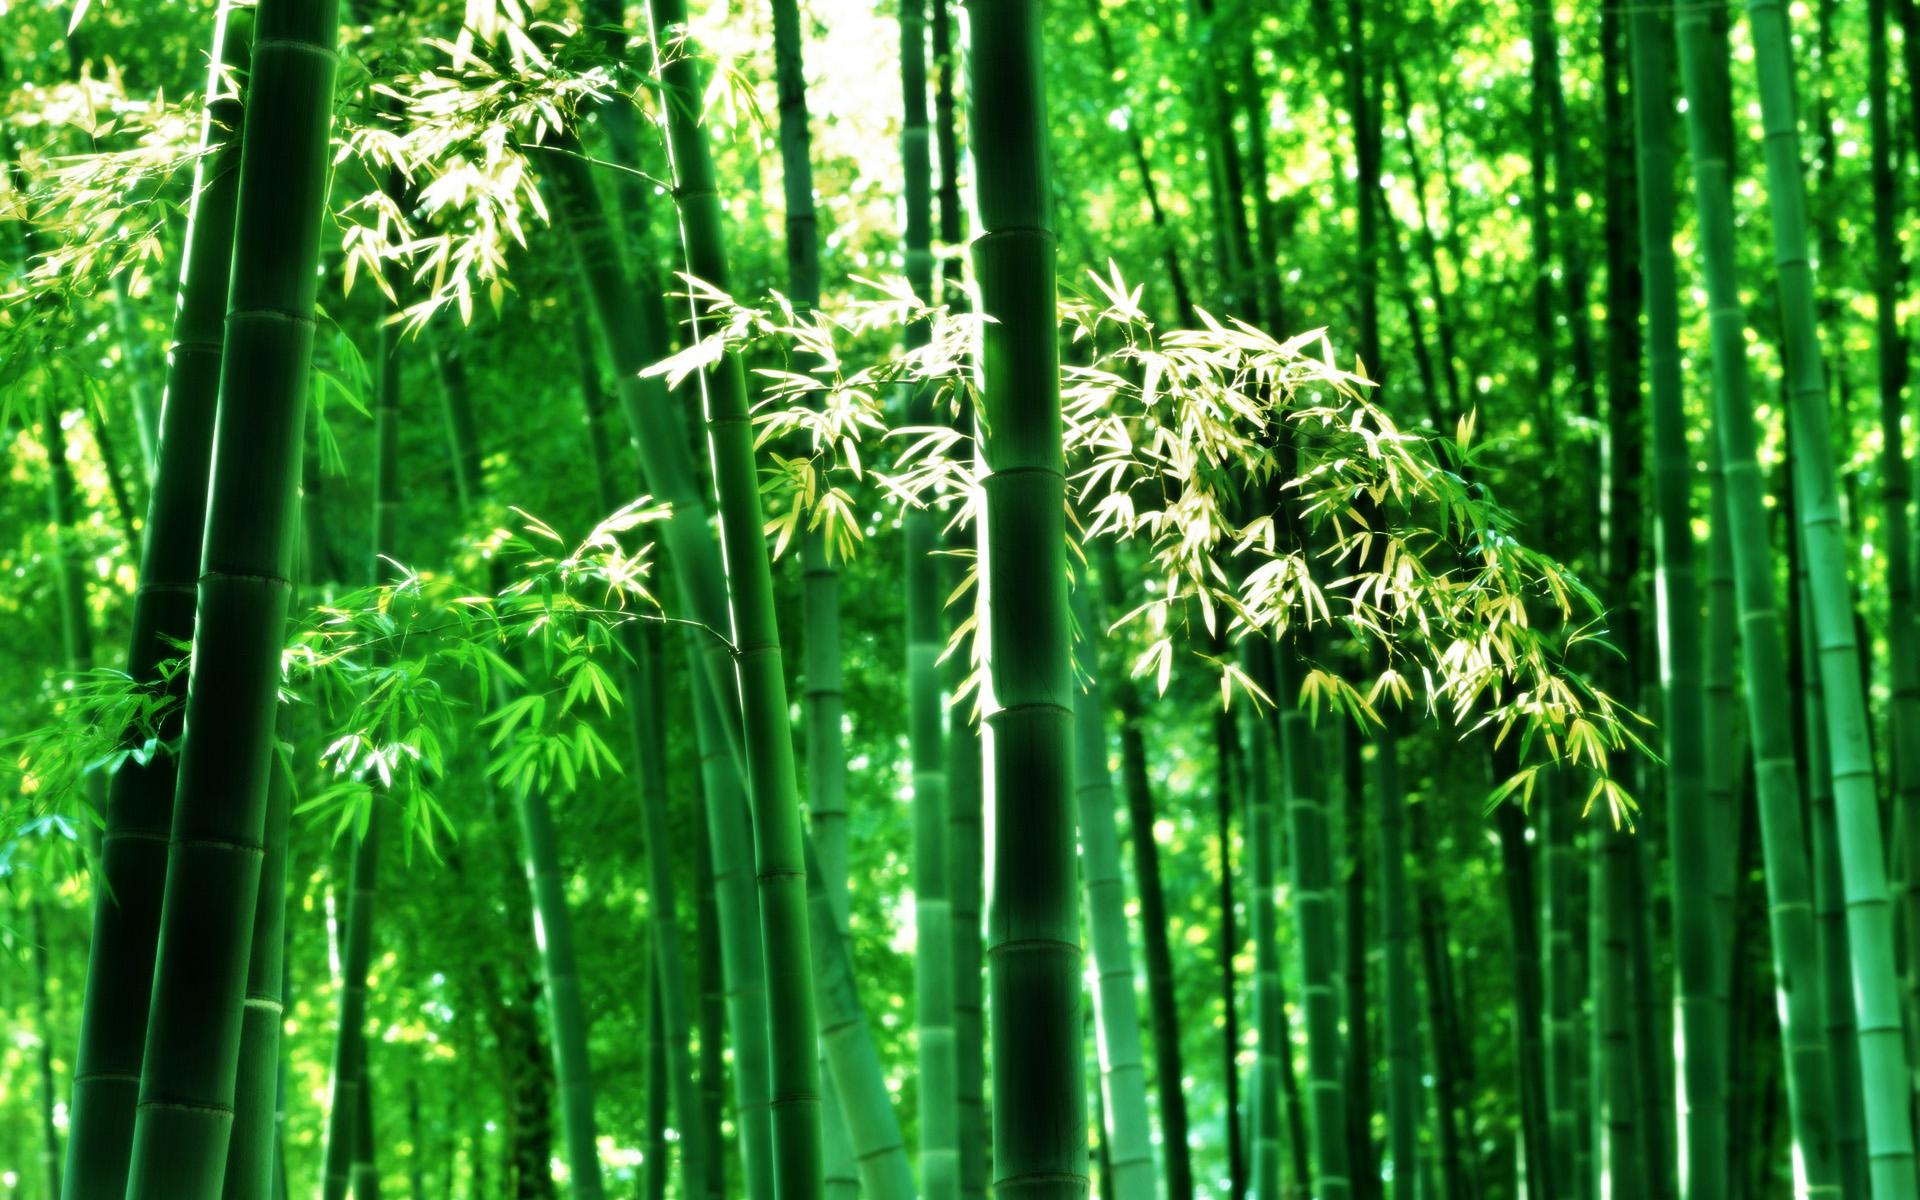 壁纸 风景 森林 植物 桌面 1920_1200